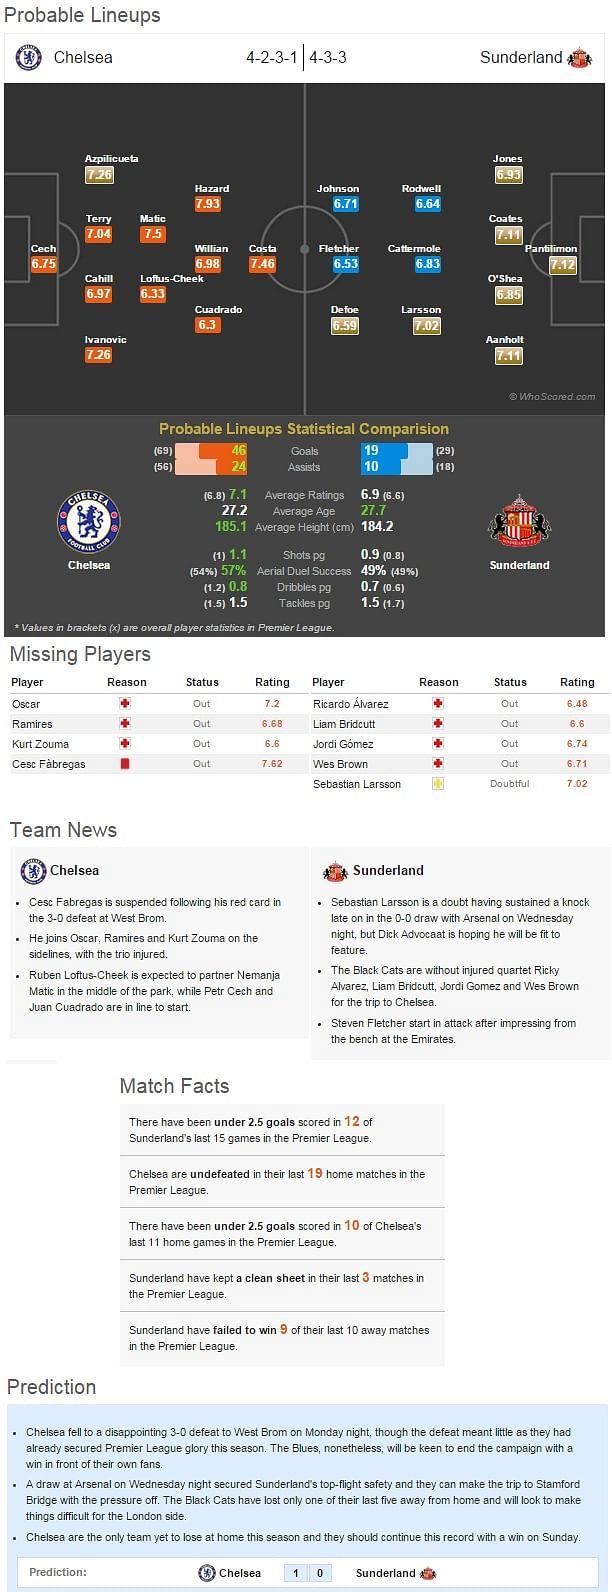 Chelsea vs Sunderland - Statistical Preview